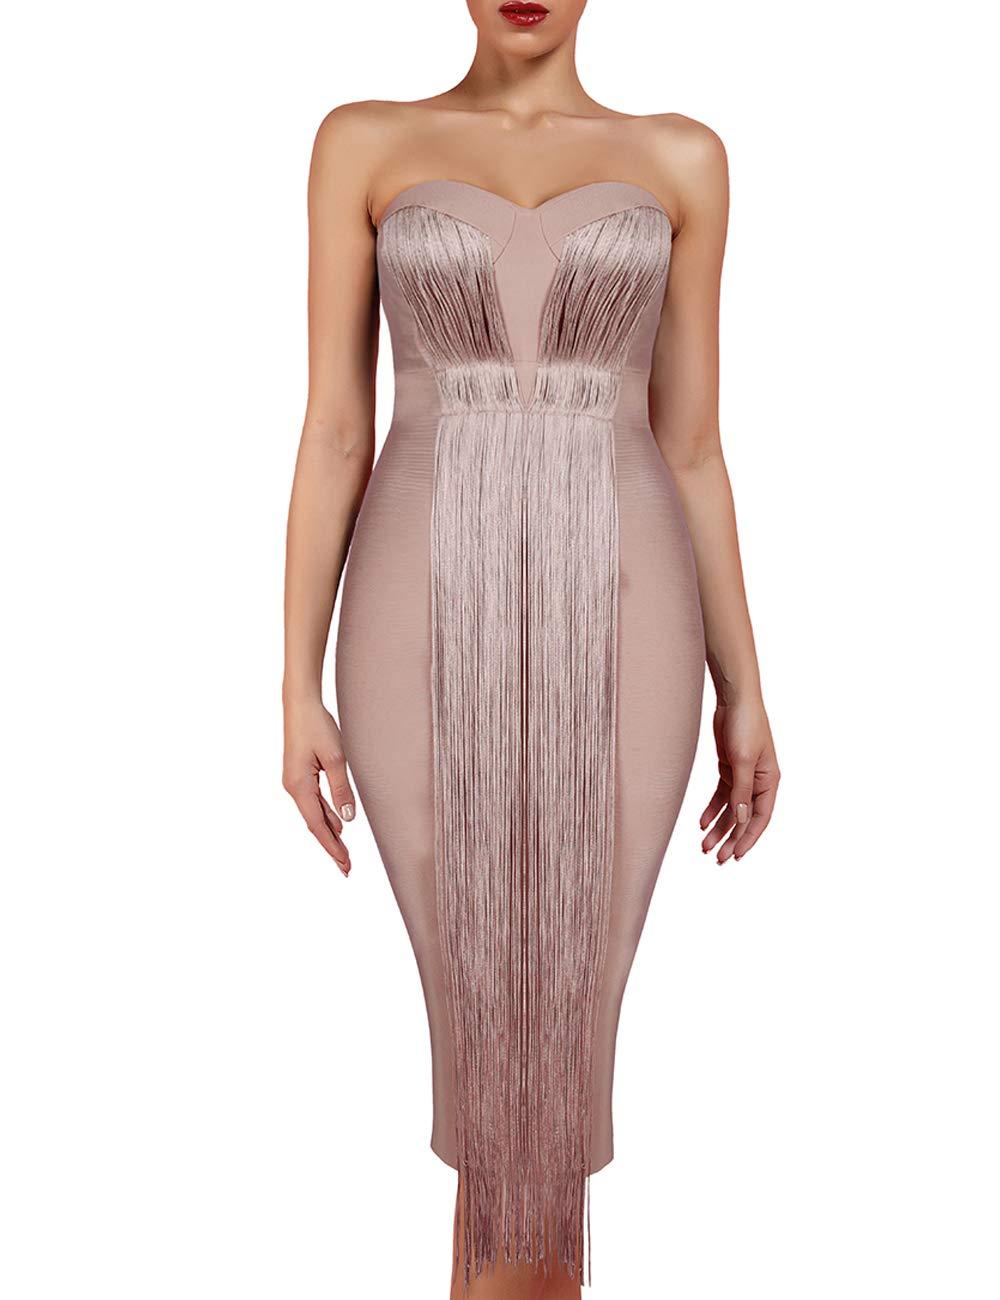 UONBOX Women's Strapless Elegant Tassel Tube Dress Bodycon Party Bandage Dress